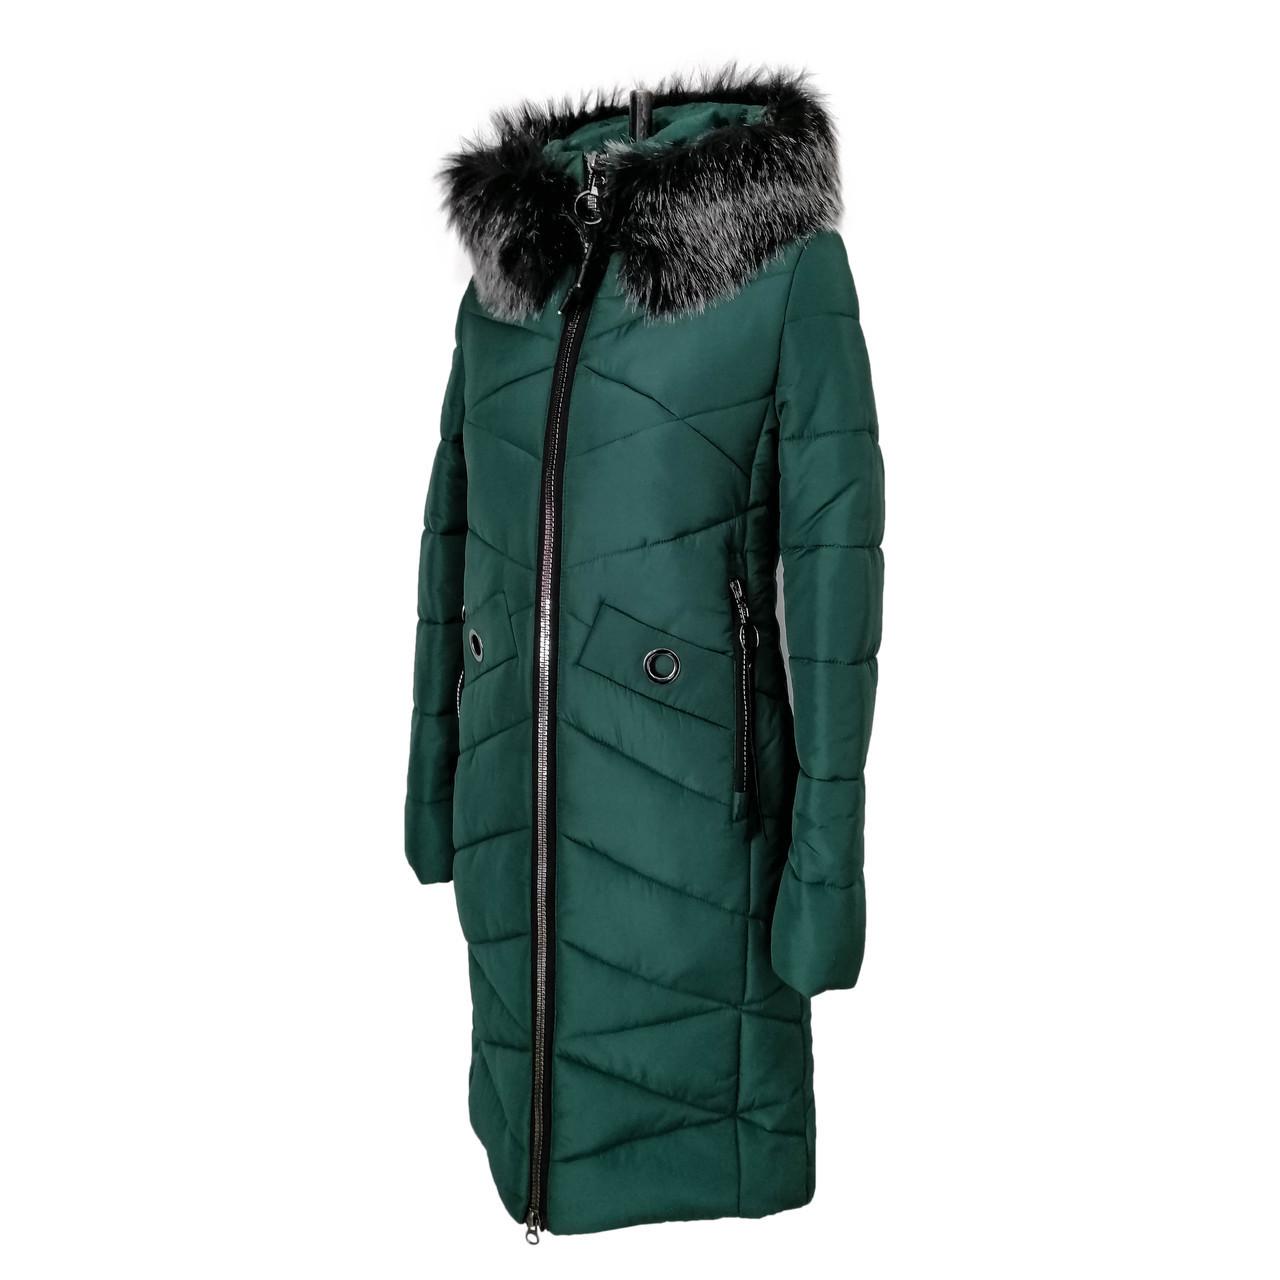 Куртки парки женские зимние  молодежные 42-52 зеленый